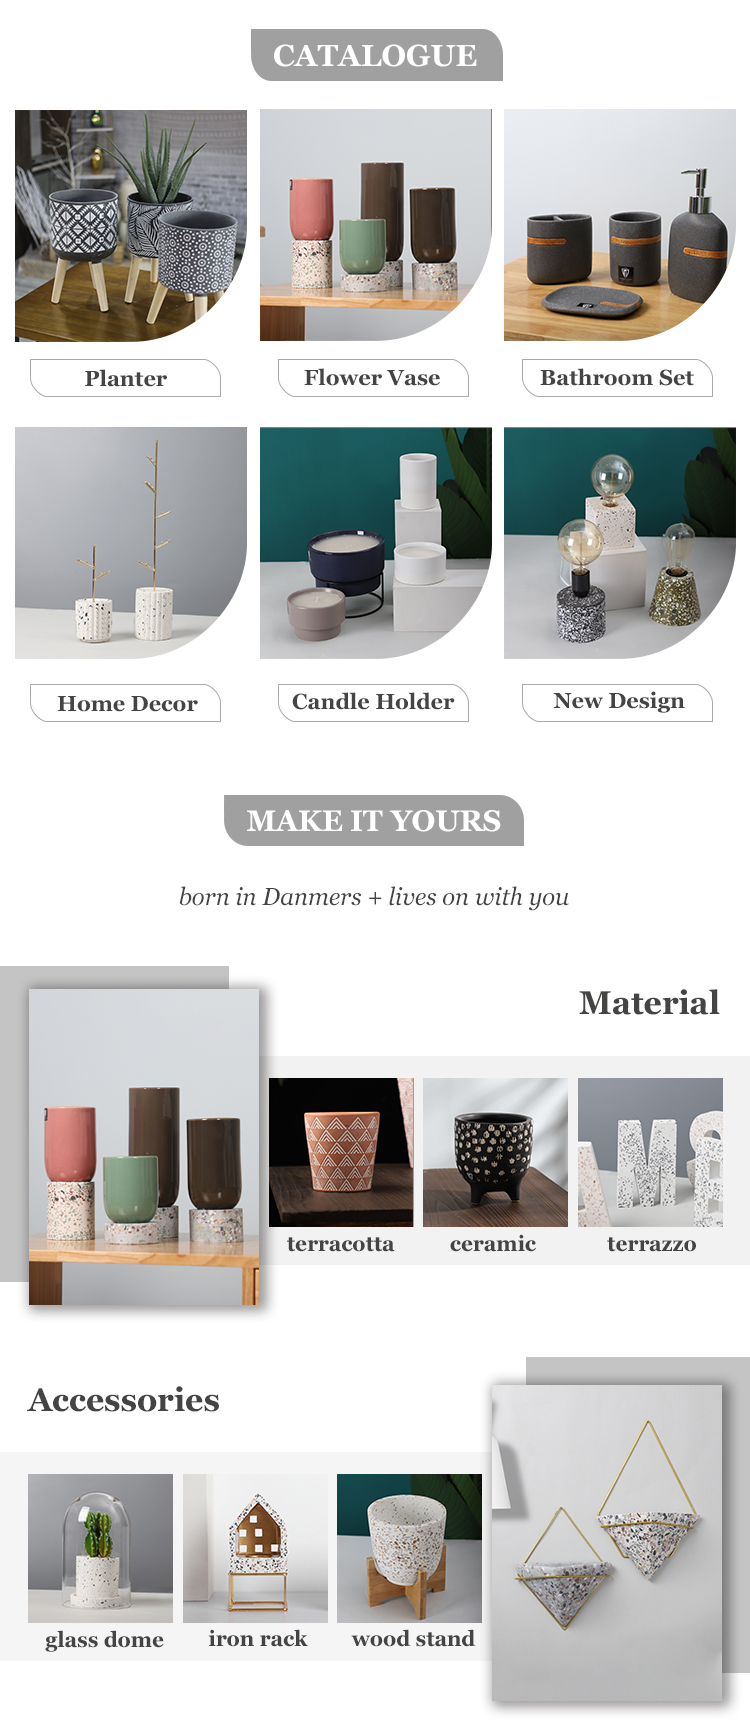 सस्ते कीमत थोक कस्टम लोगो होटलों के लिए शादी की सजावट चीनी मिट्टी के घर के सामान vases